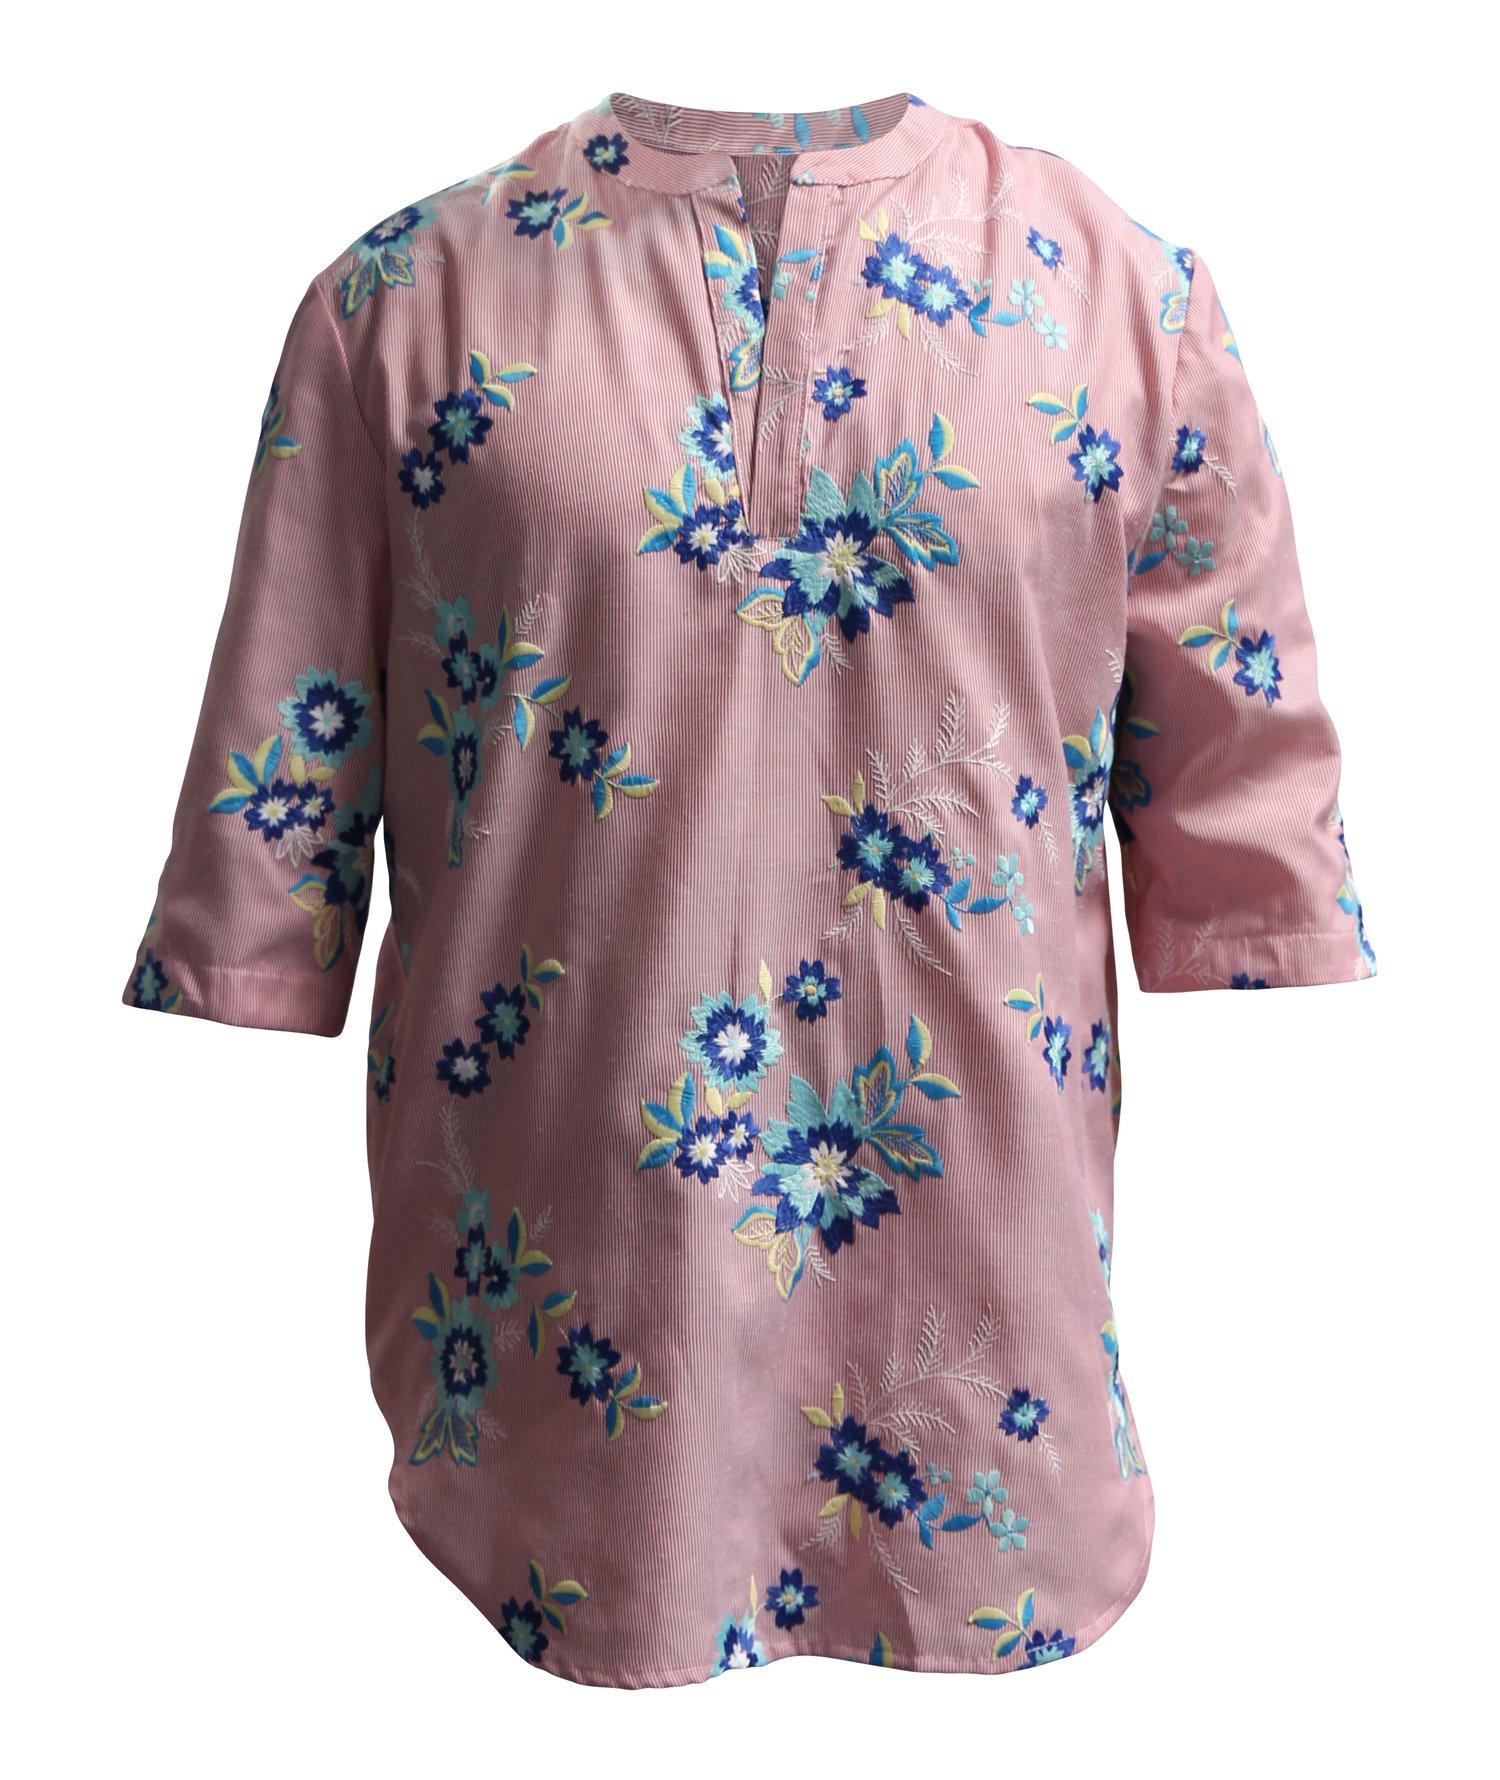 Image of Boho Shirt